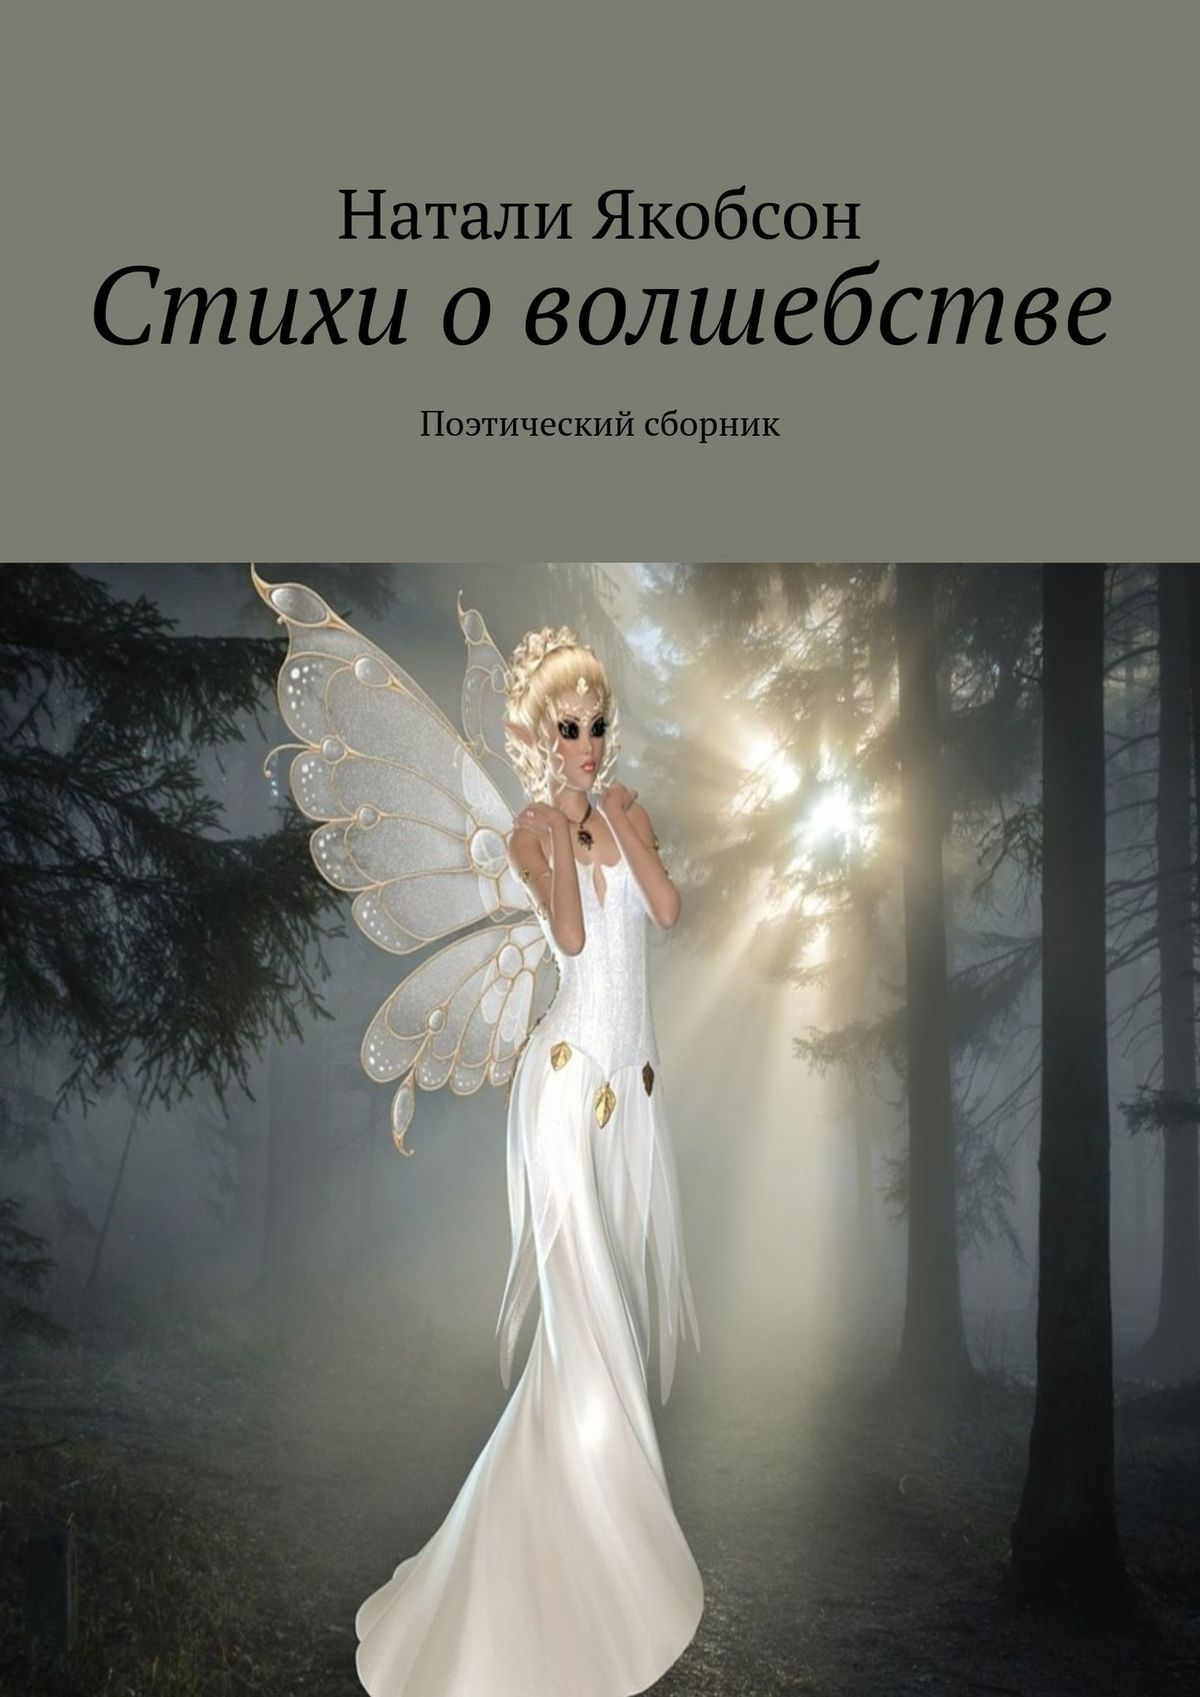 Натали Якобсон Стихи о волшебстве. Поэтический сборник натали якобсон о любви и волшебстве сборник стихотворений